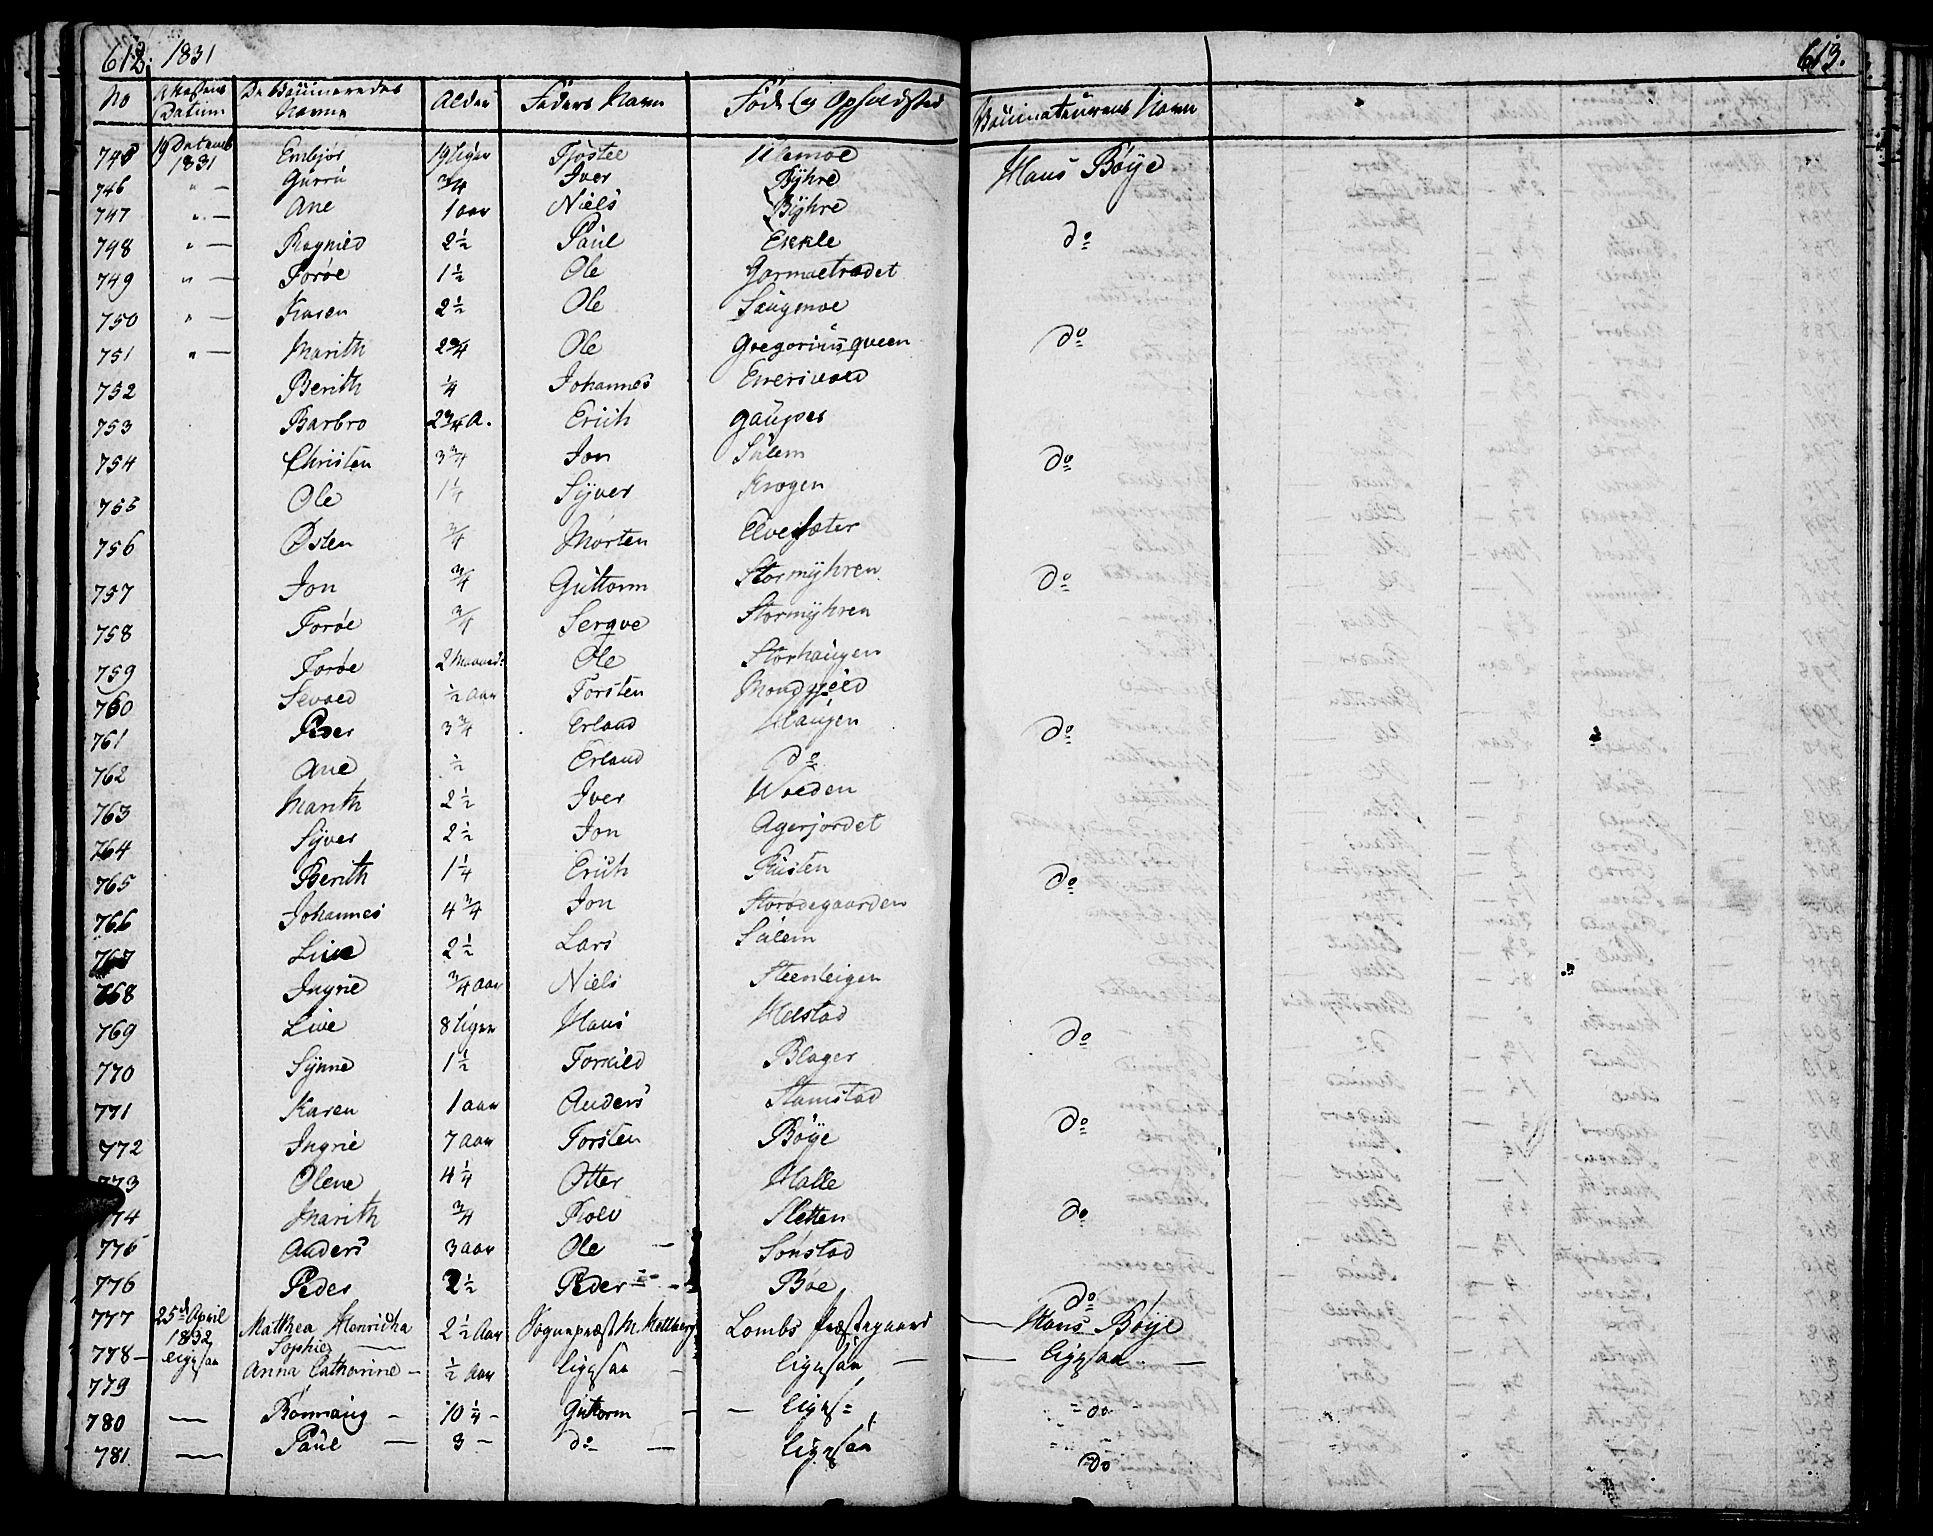 SAH, Lom prestekontor, K/L0005: Ministerialbok nr. 5, 1825-1837, s. 612-613